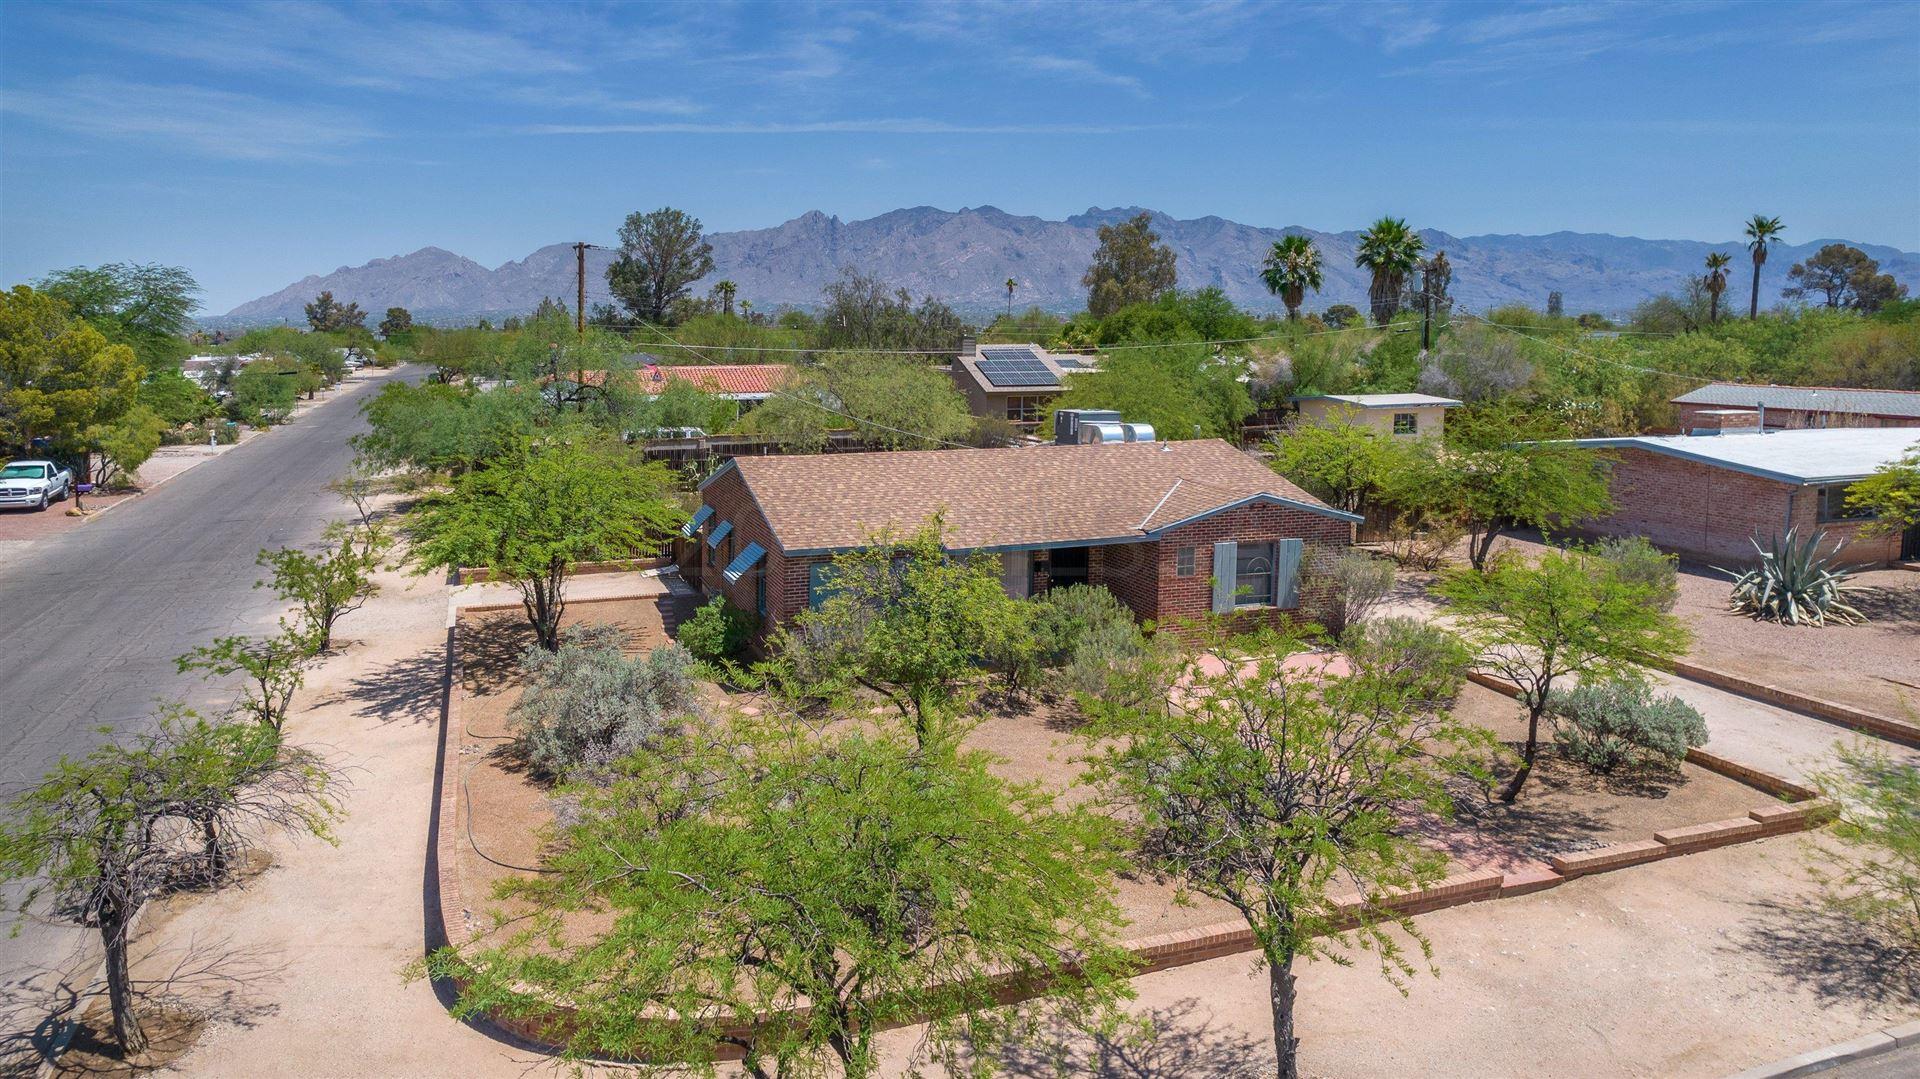 2601 E Linden Street, Tucson, AZ 85716 - MLS#: 22115756